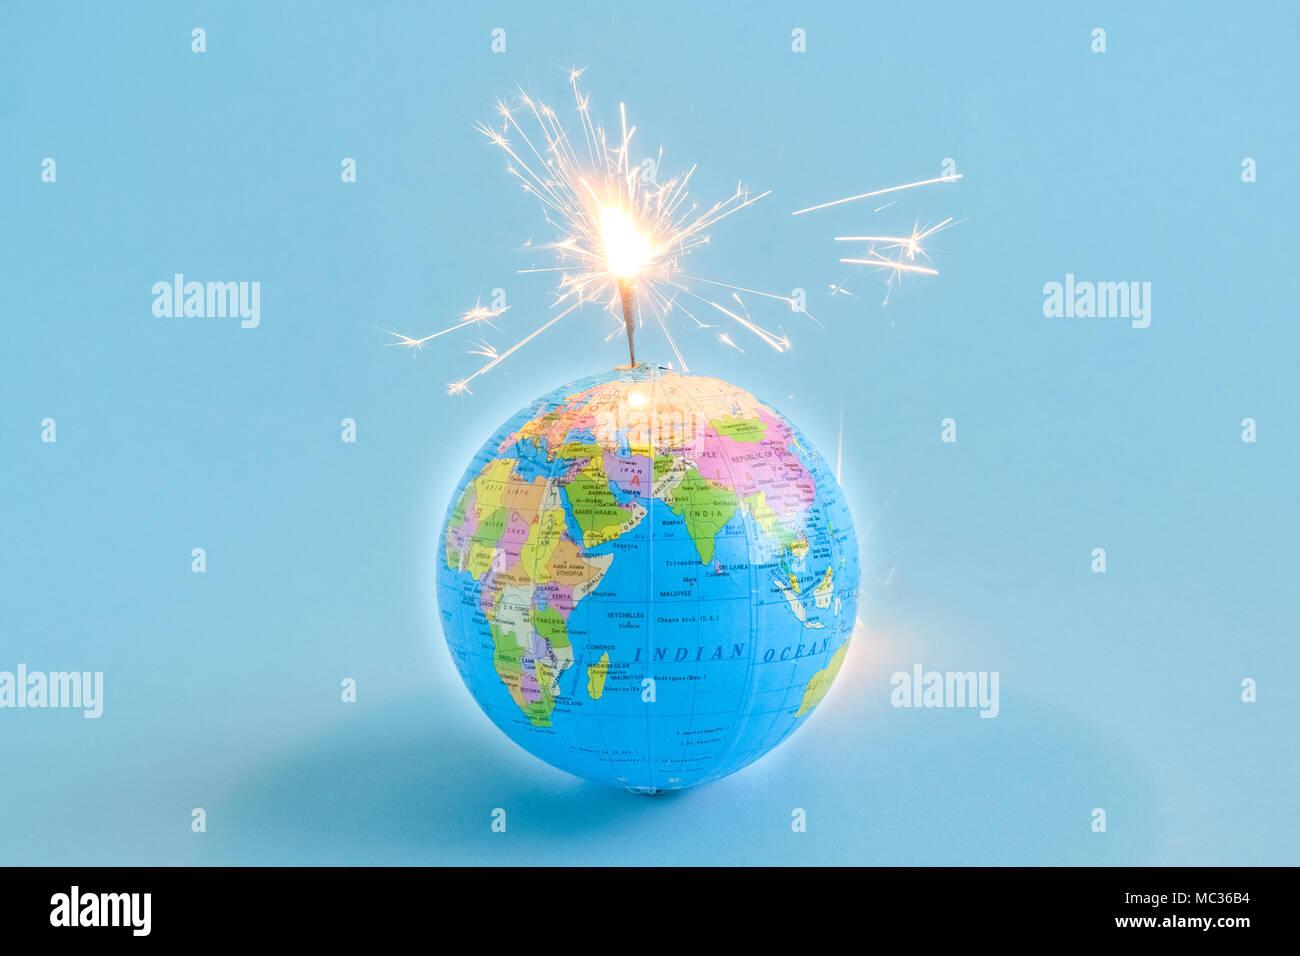 Planeta Azul aislado en Granada el mínimo concepto creativo Imagen De Stock